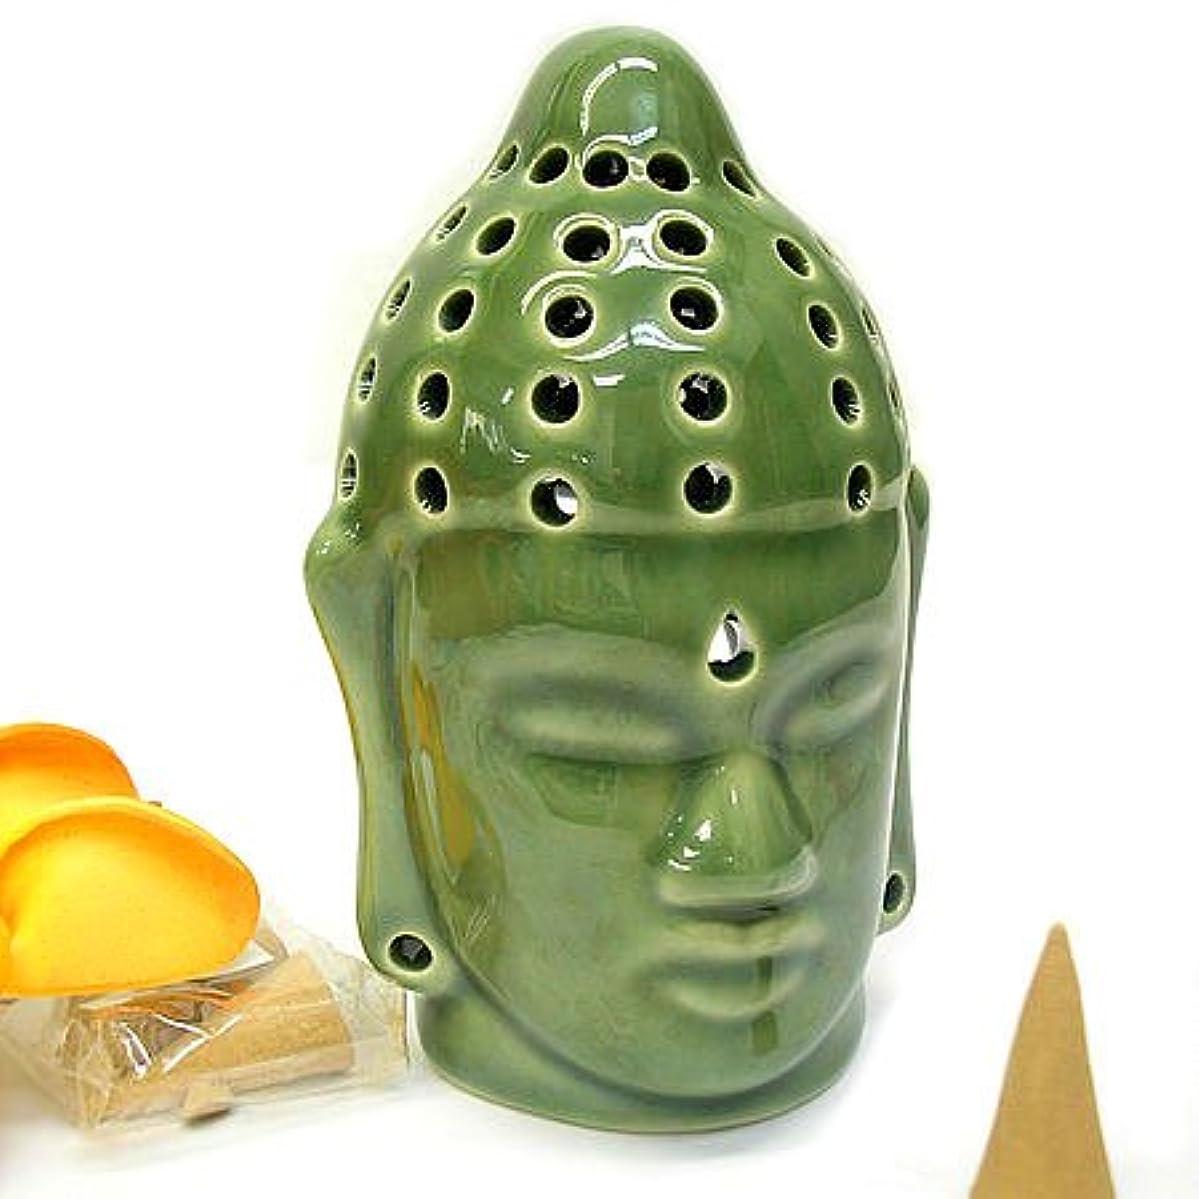 制裁イデオロギー他の日仏陀の お香たて 香炉 コーン用 緑 インセンスホルダー コーン用 お香立て お香たて アジアン雑貨 バリ雑貨